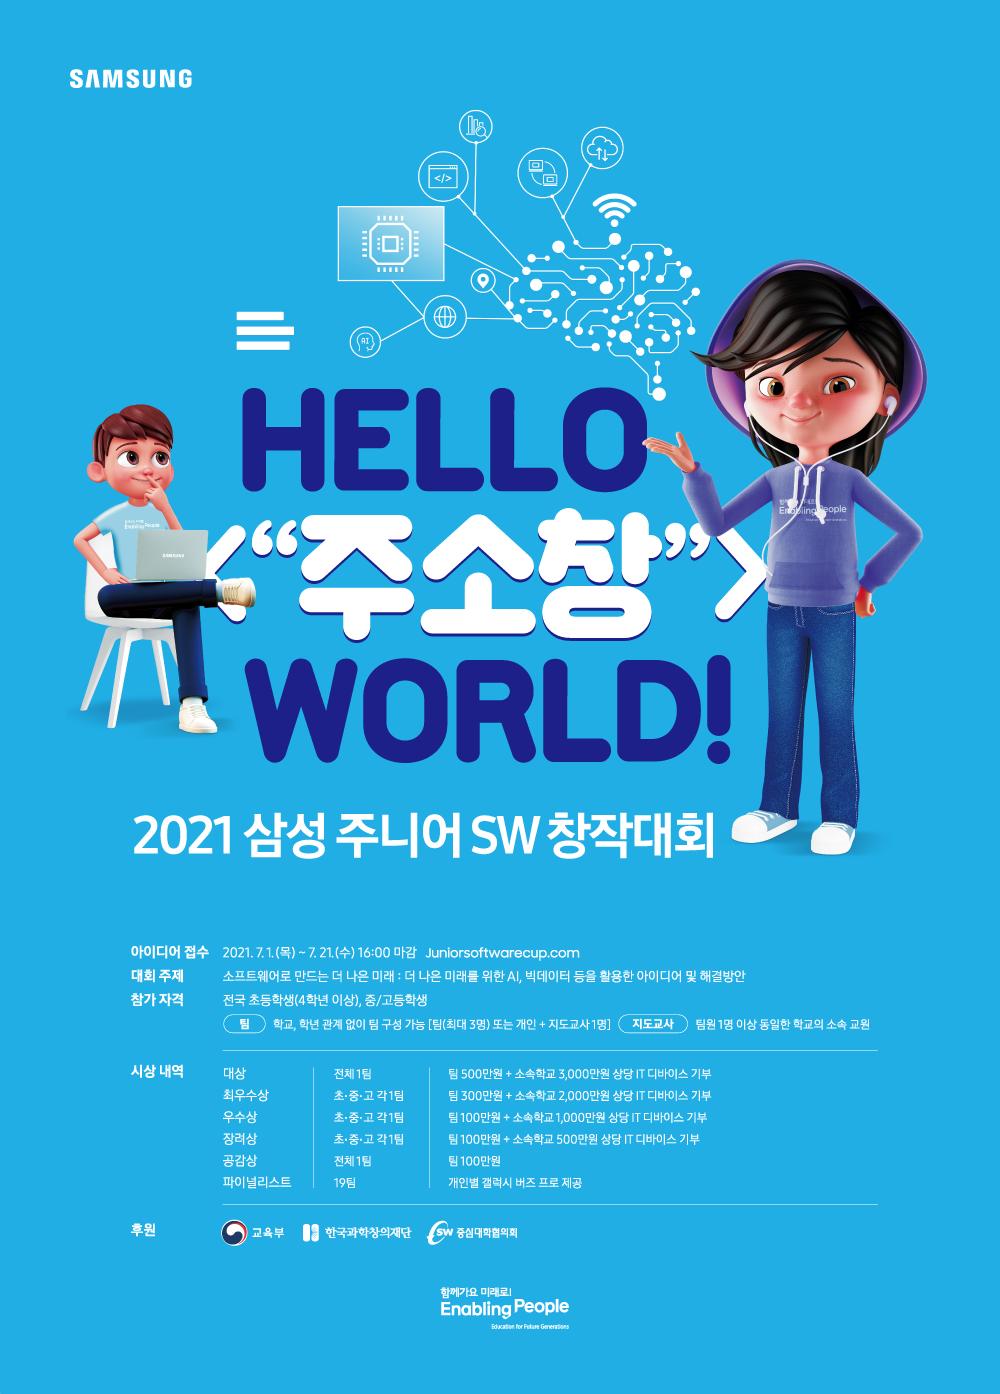 2021 삼성 주니어 SW 창작대회